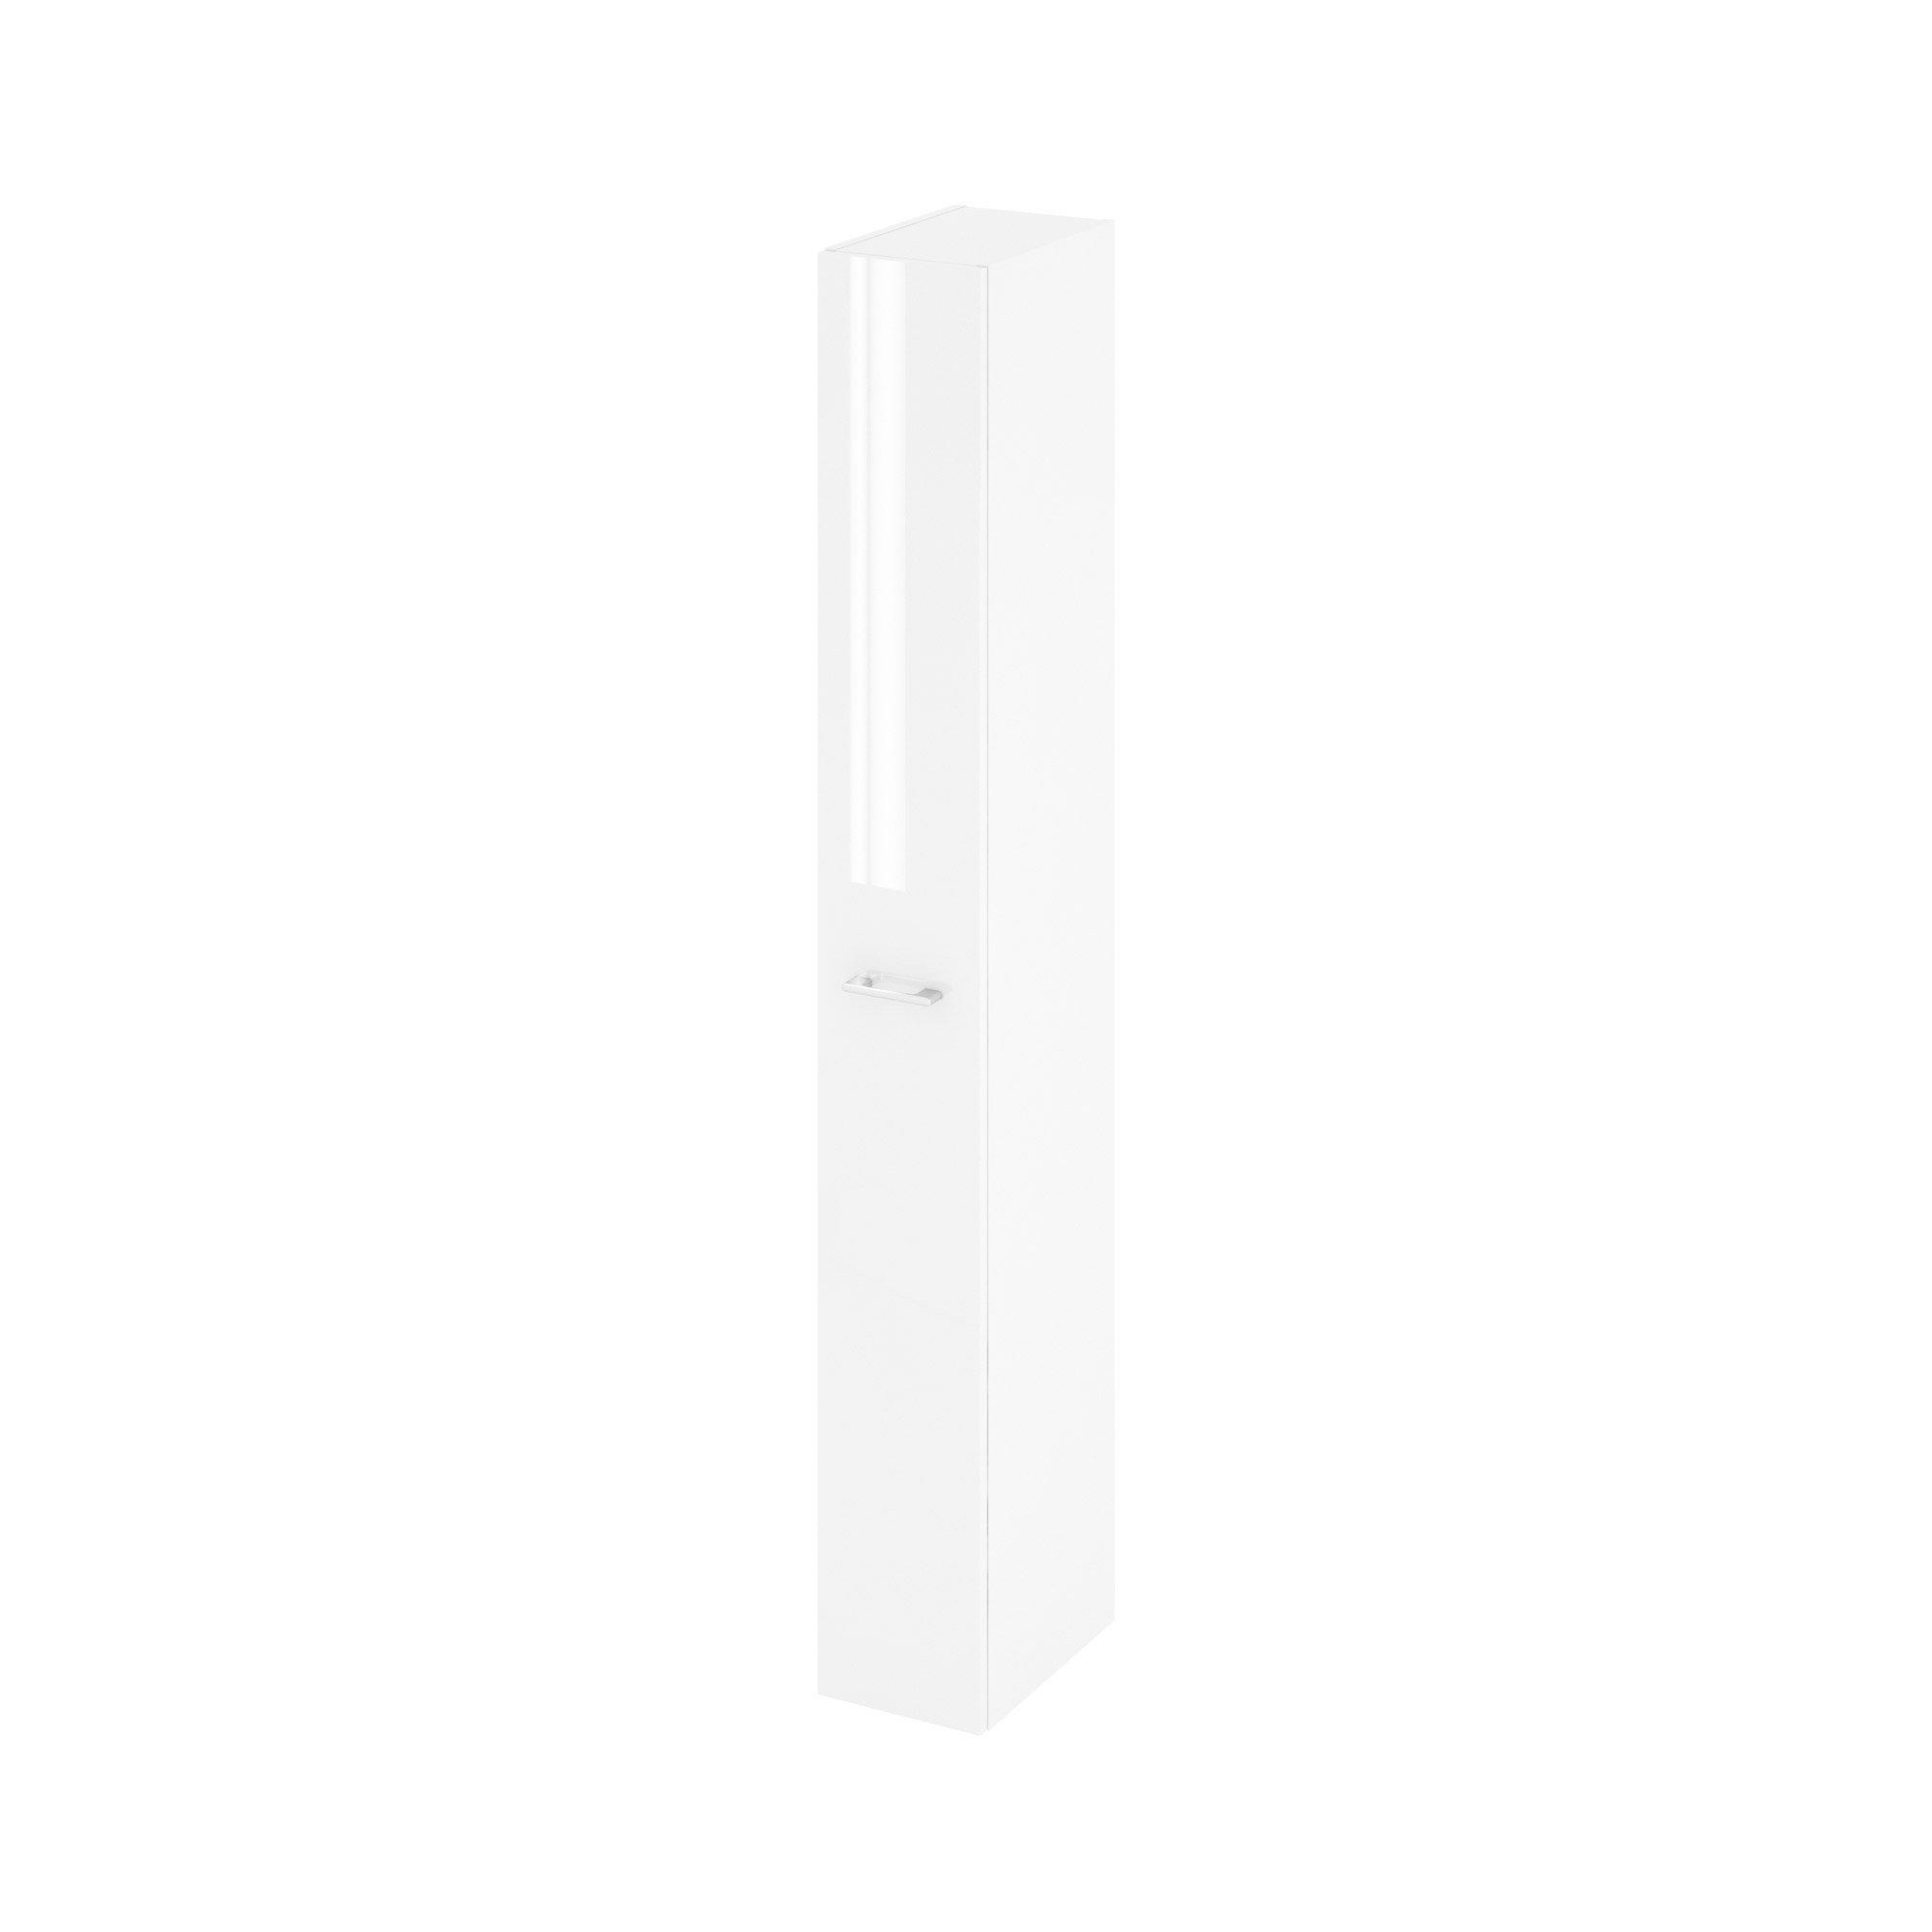 Colonne de salle de bains l.22 x H.173 x P.34.8 cm, blanc, Remix